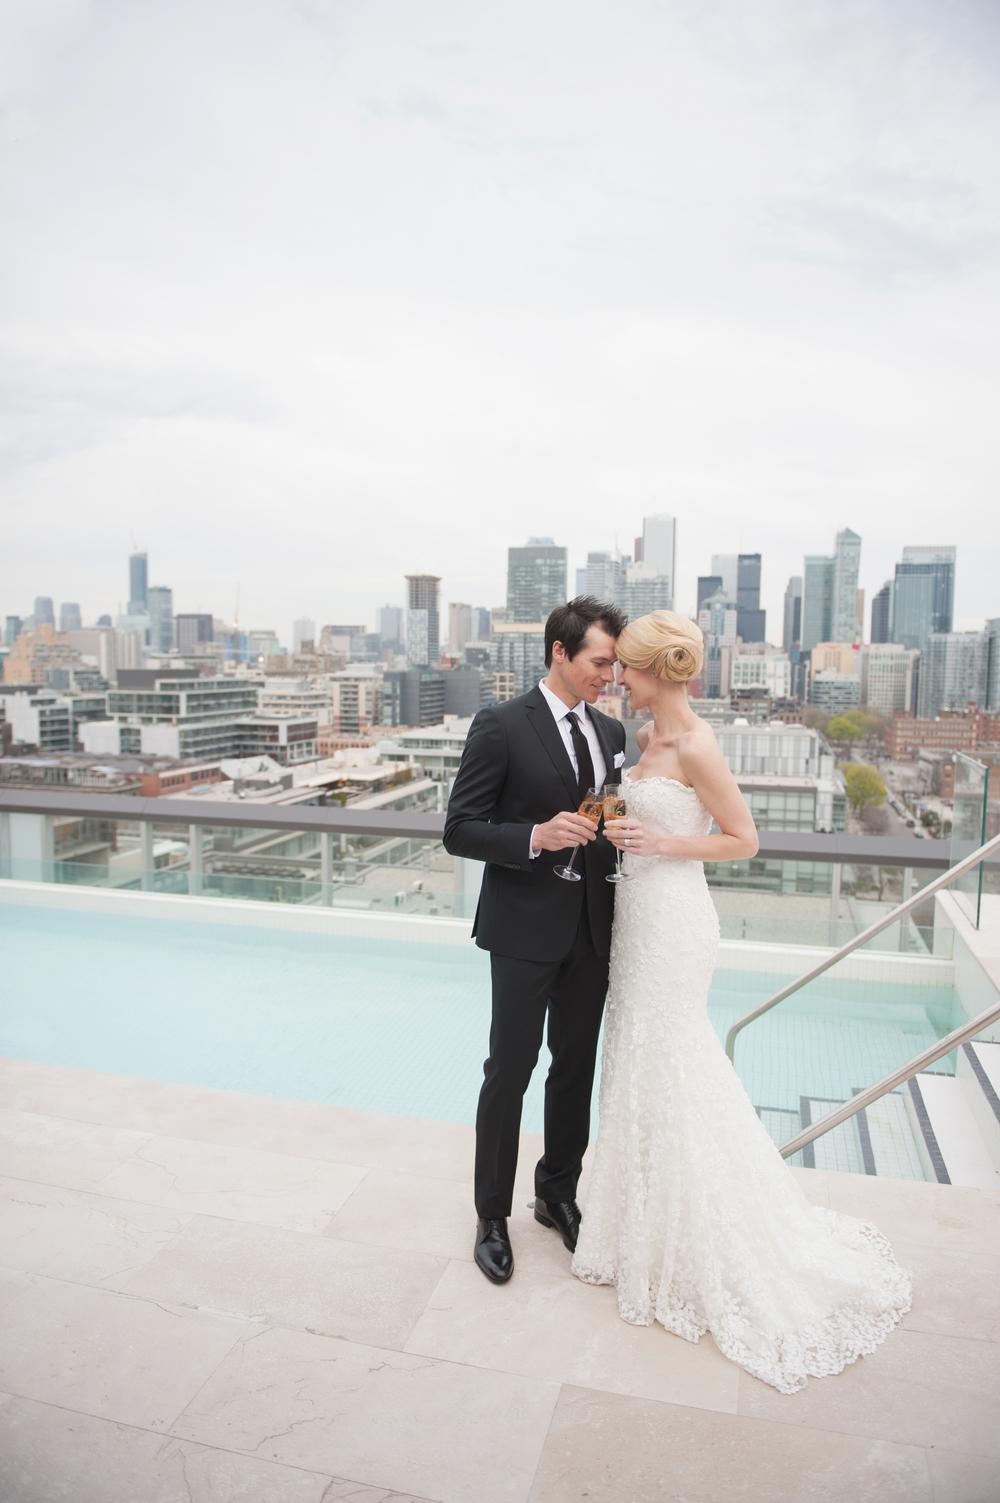 ThompsonHotel_modern_wedding_toronto-163.jpg